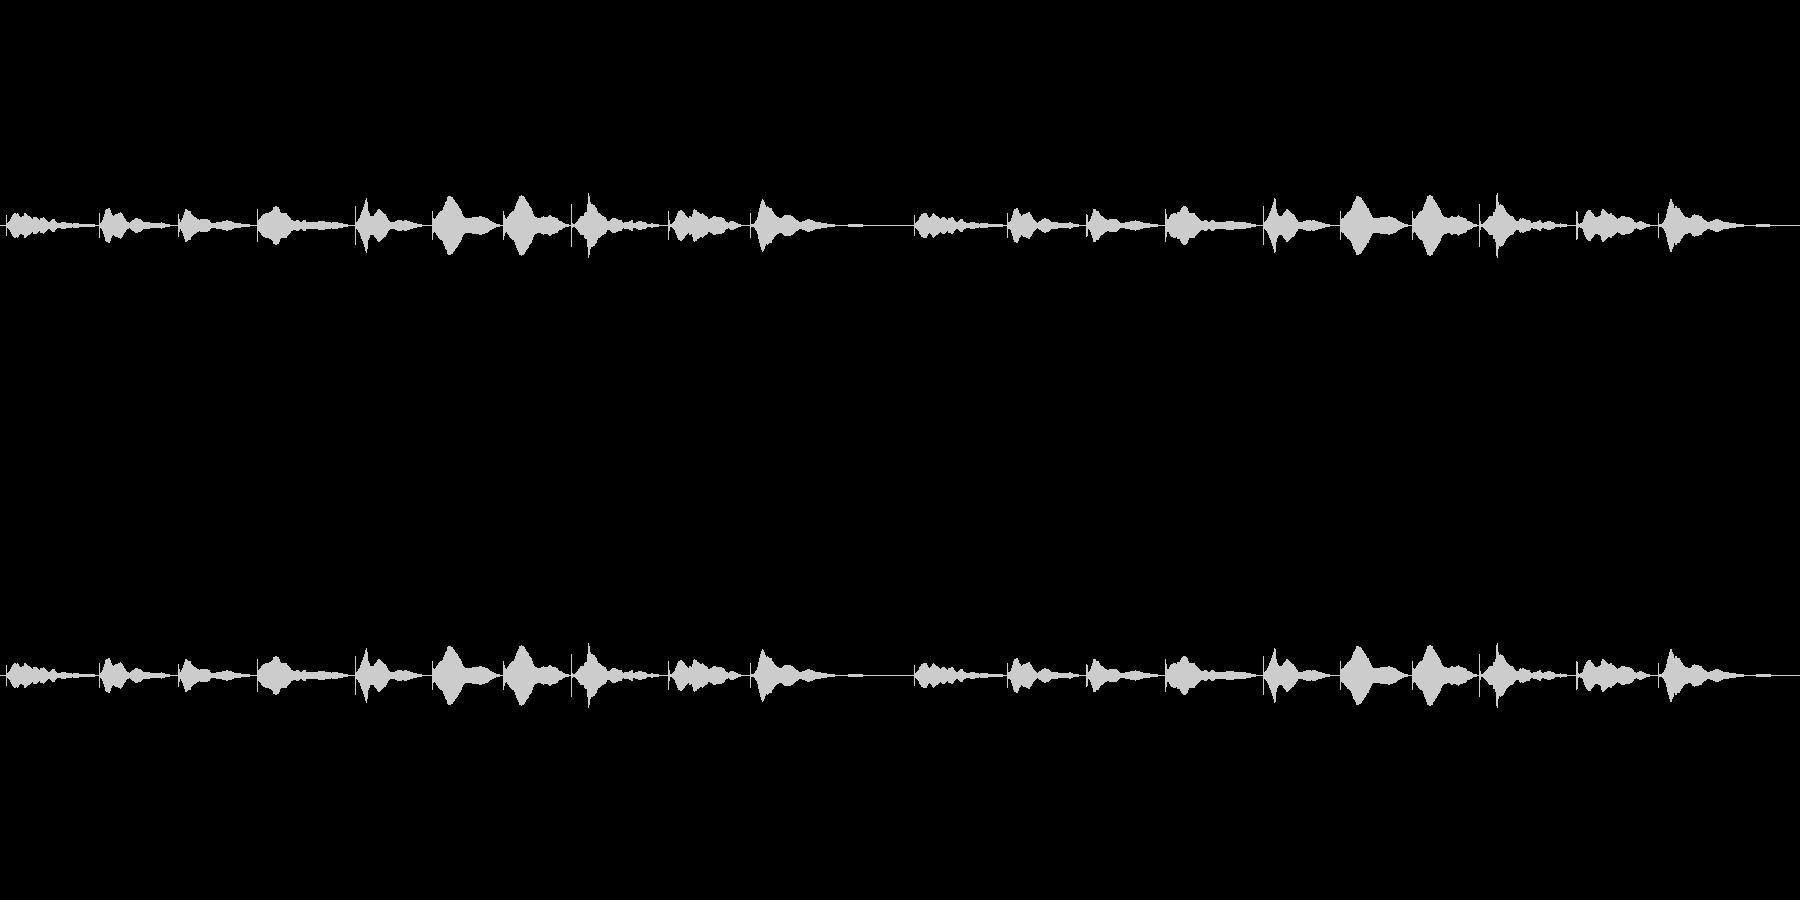 528hzの音叉 ソルフェジオ周波数の未再生の波形